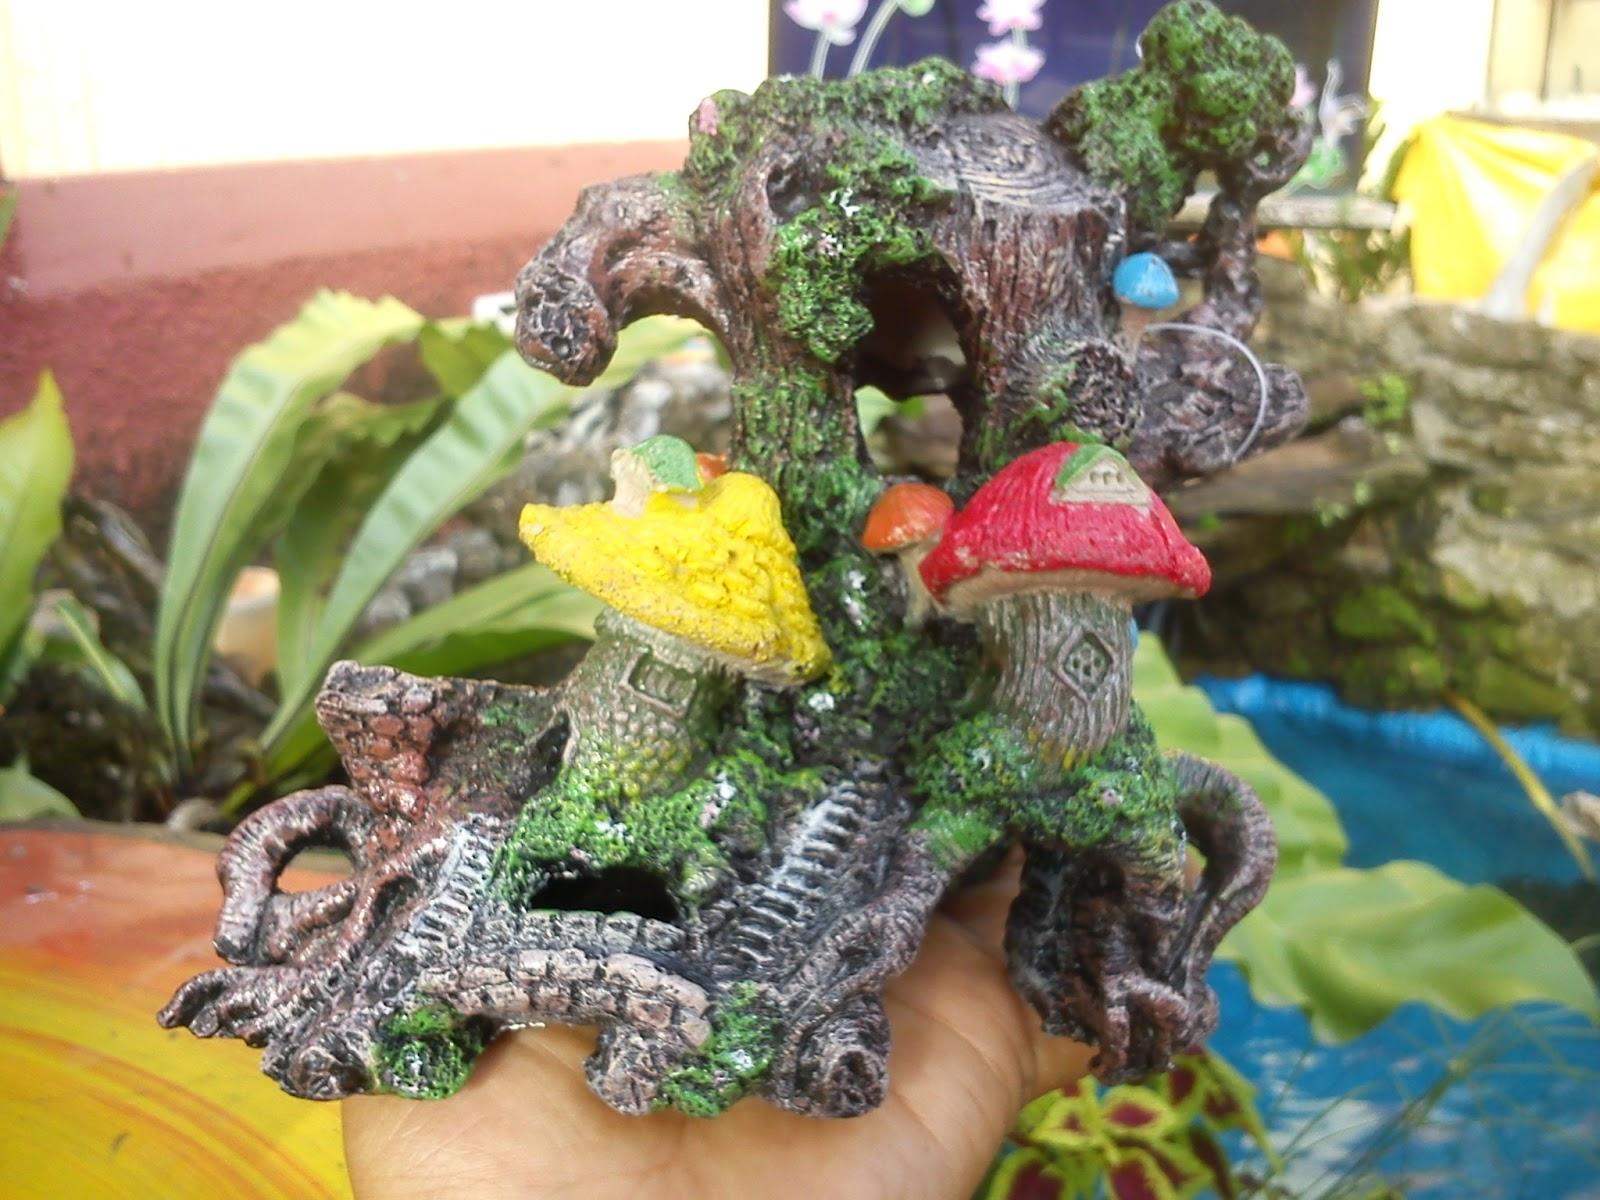 Hiasan unik aquarium akar kayu dan cendawan (RM23.00)